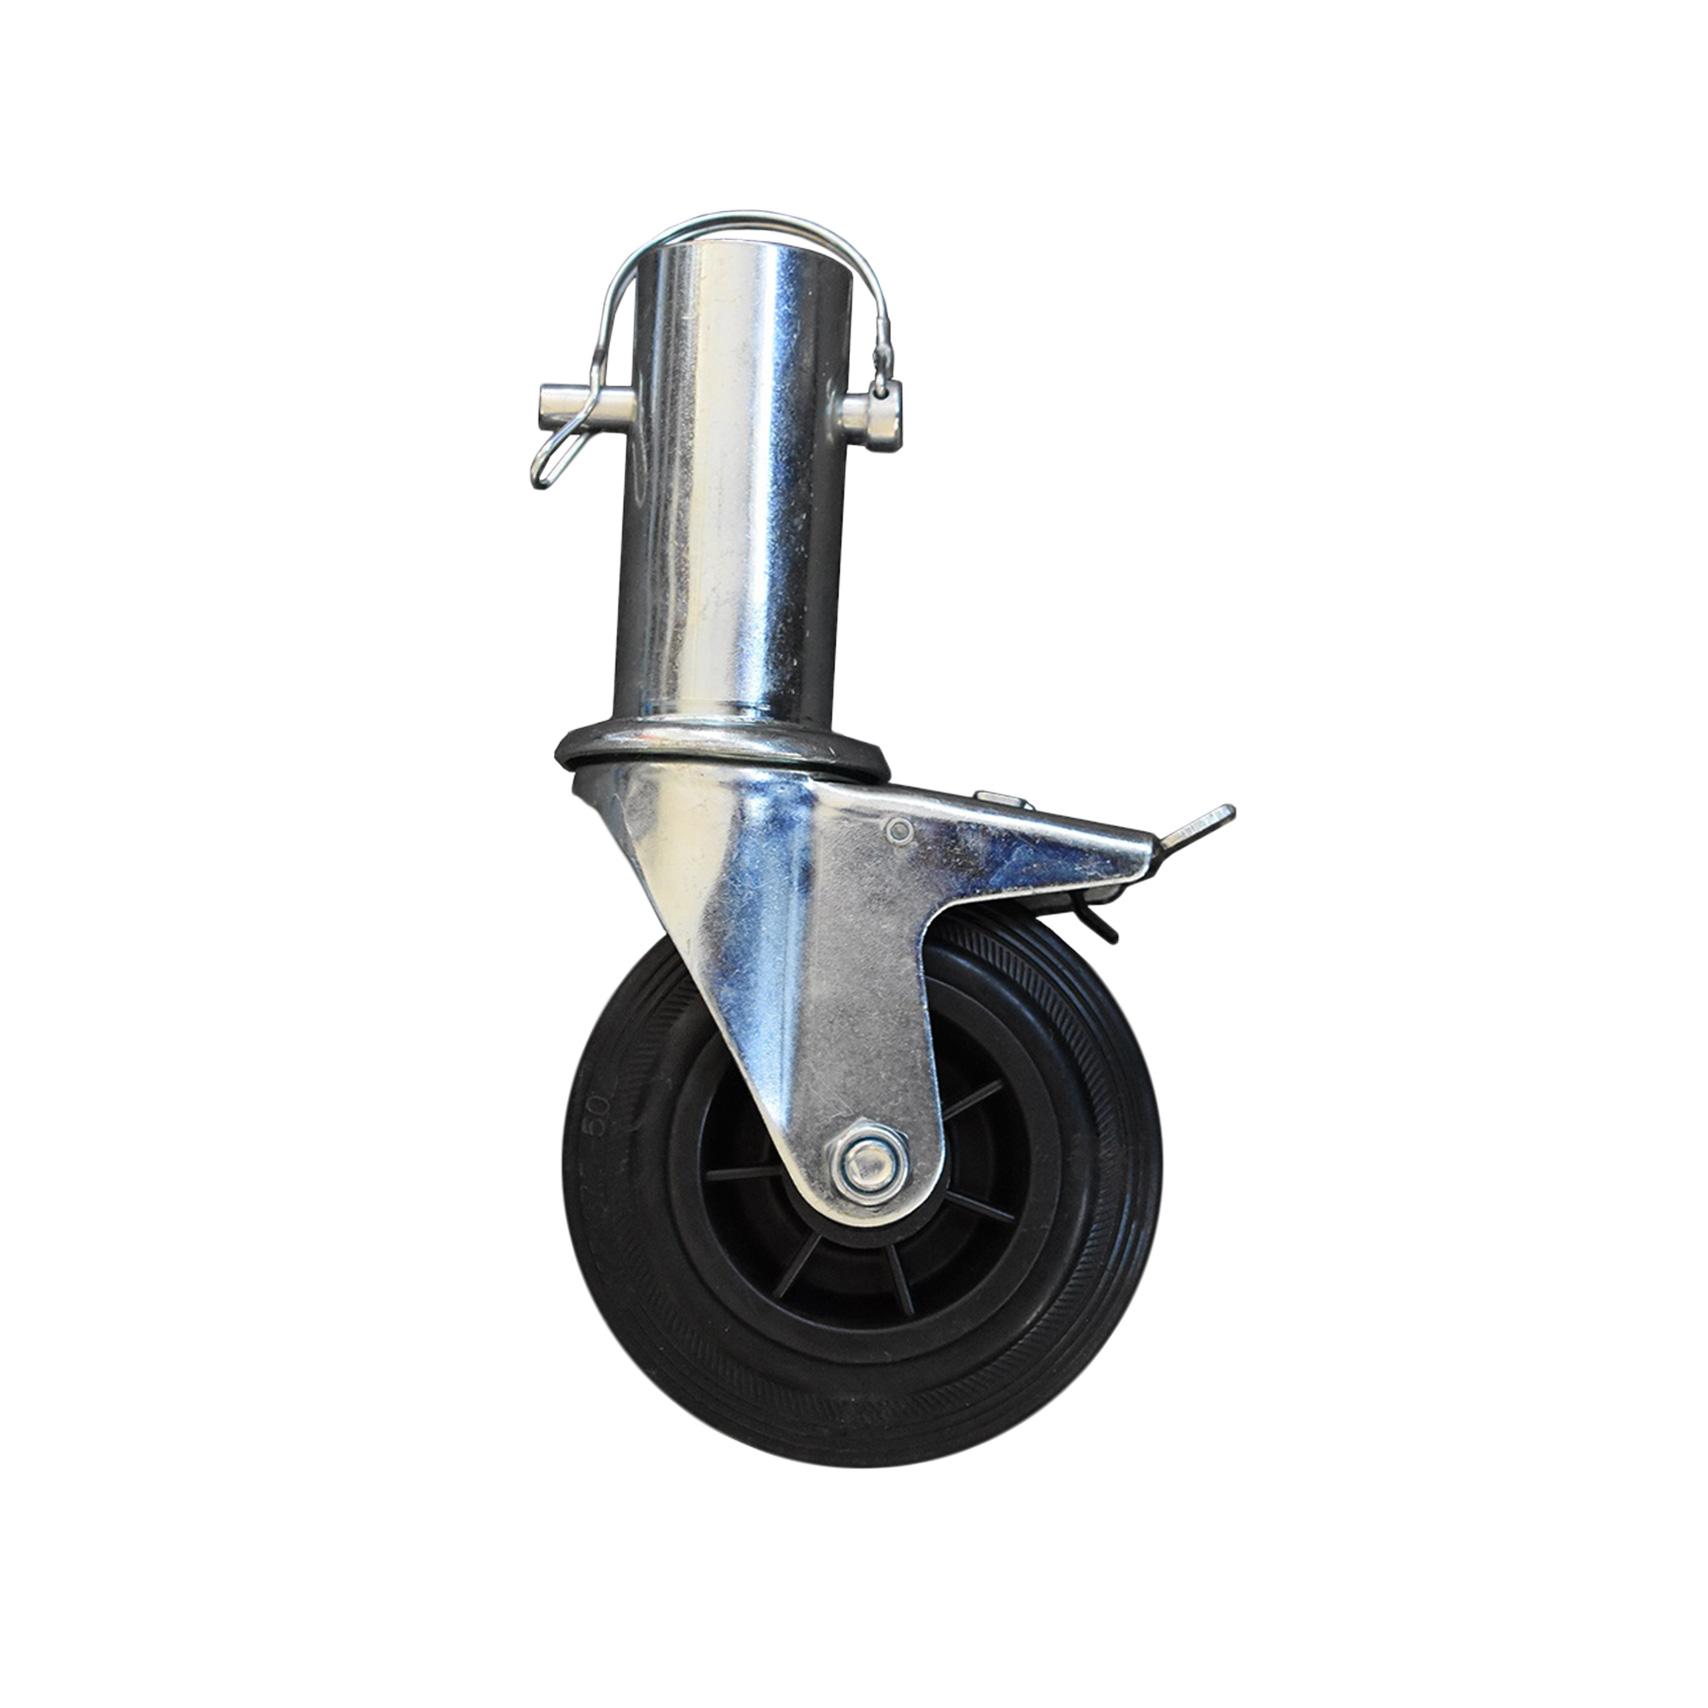 5-Inch Castor Wheels